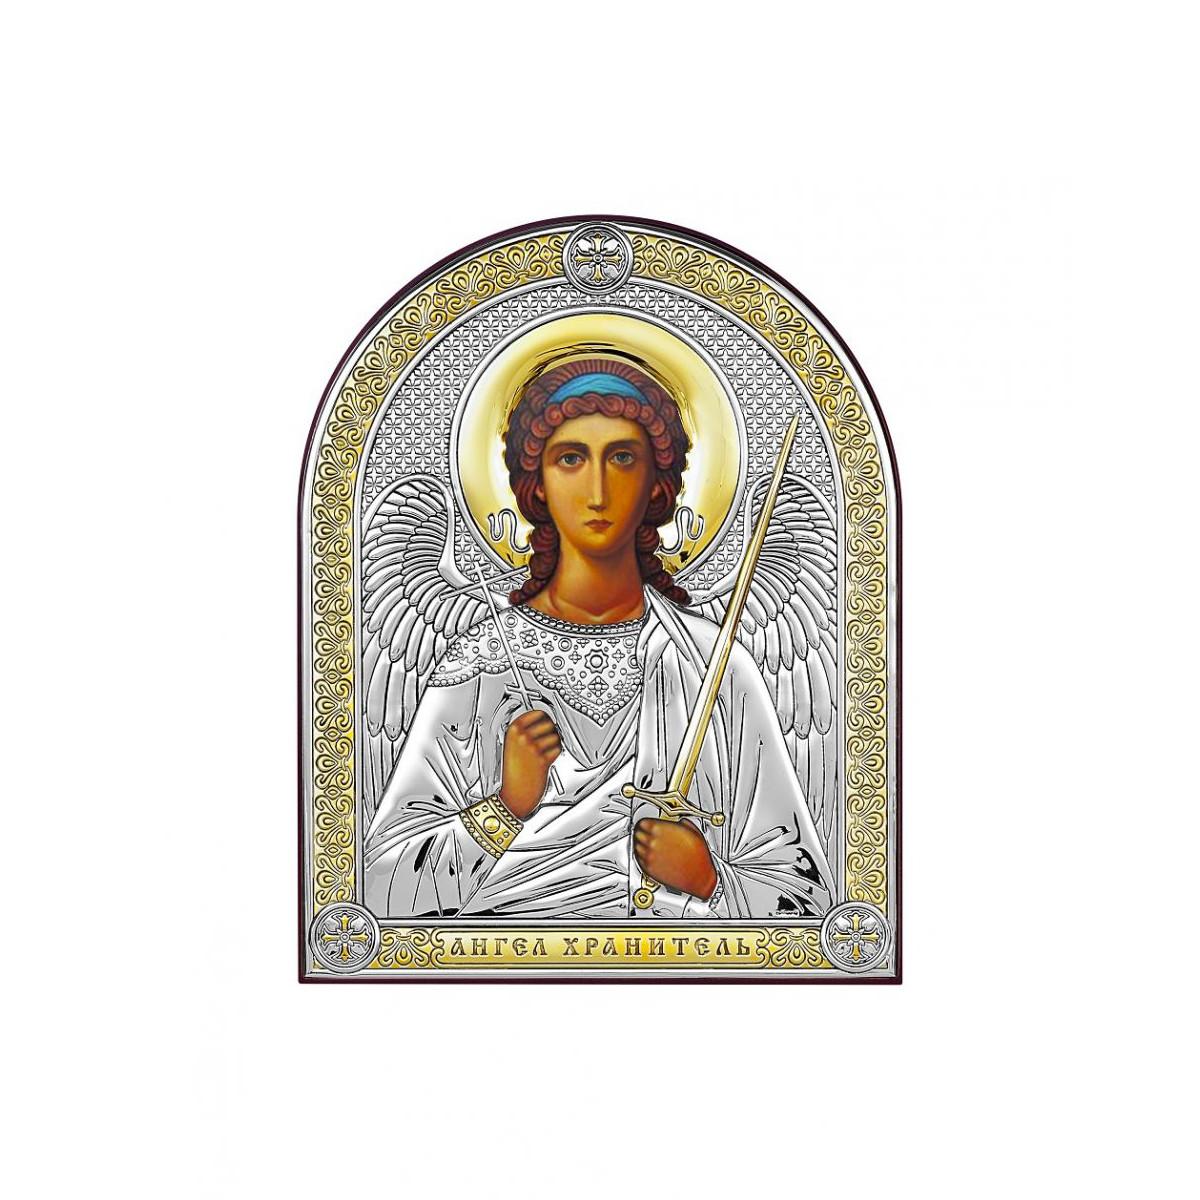 Икона Ангел Хранитель арт. 6407 2CW 6407 2CW